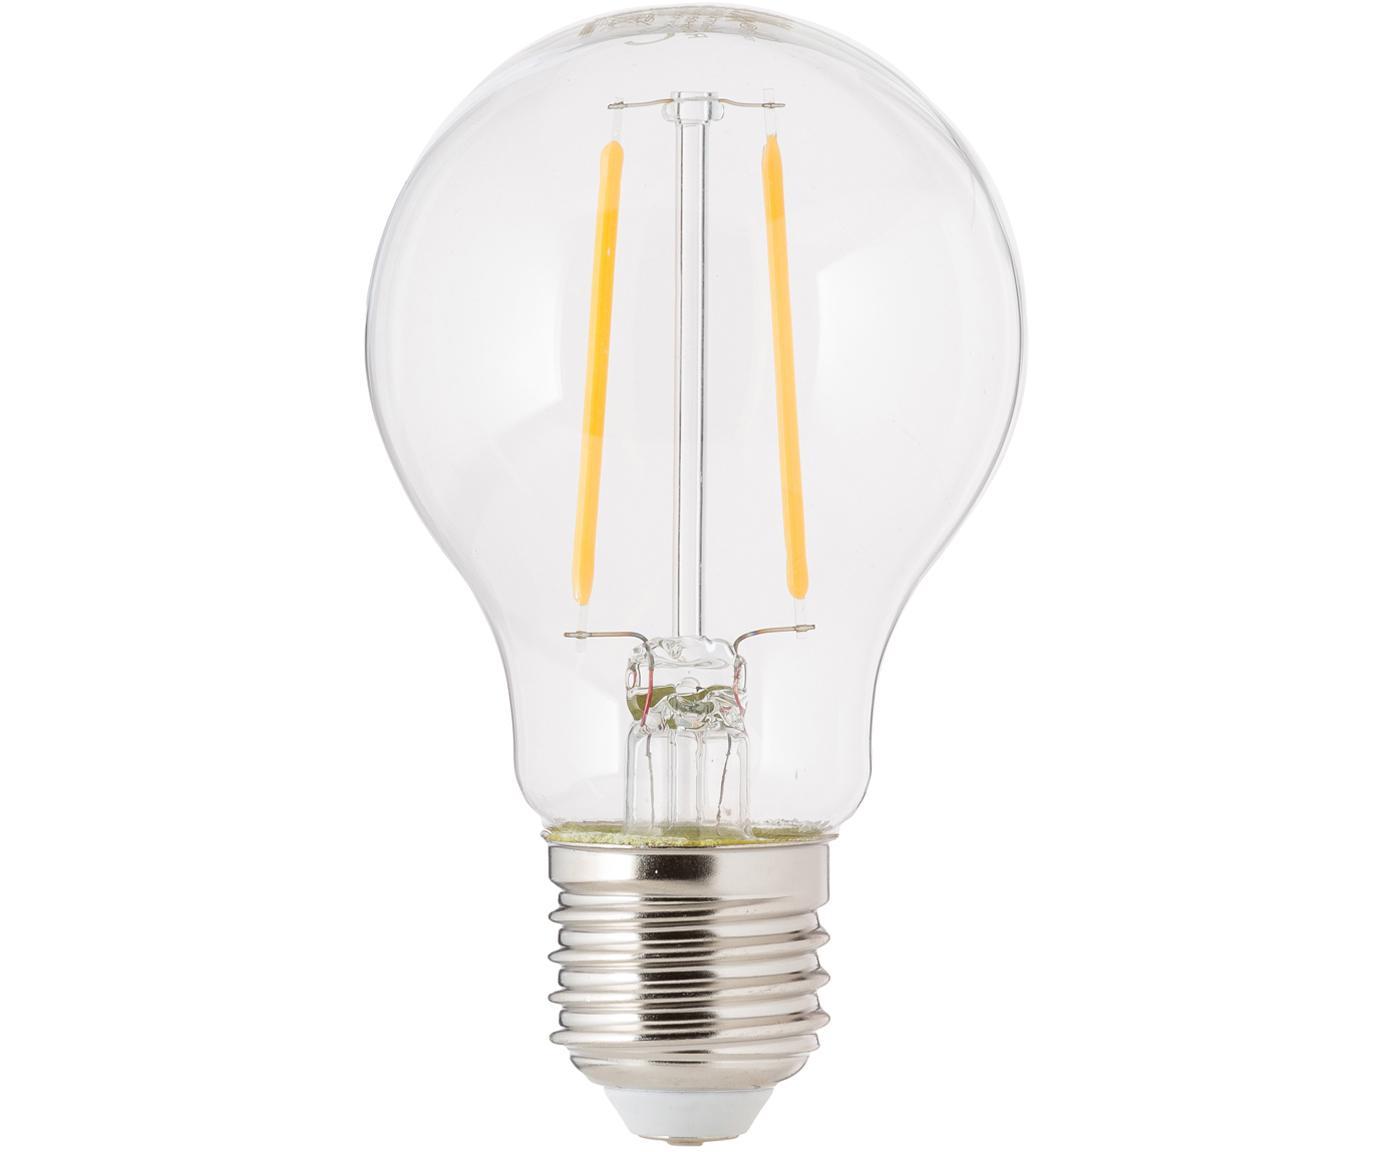 Bombillas LED Humiel (E27/4W),6uds., Ampolla: vidrio, Casquillo: aluminio, Transparente, Ø 8 x Al 10 cm